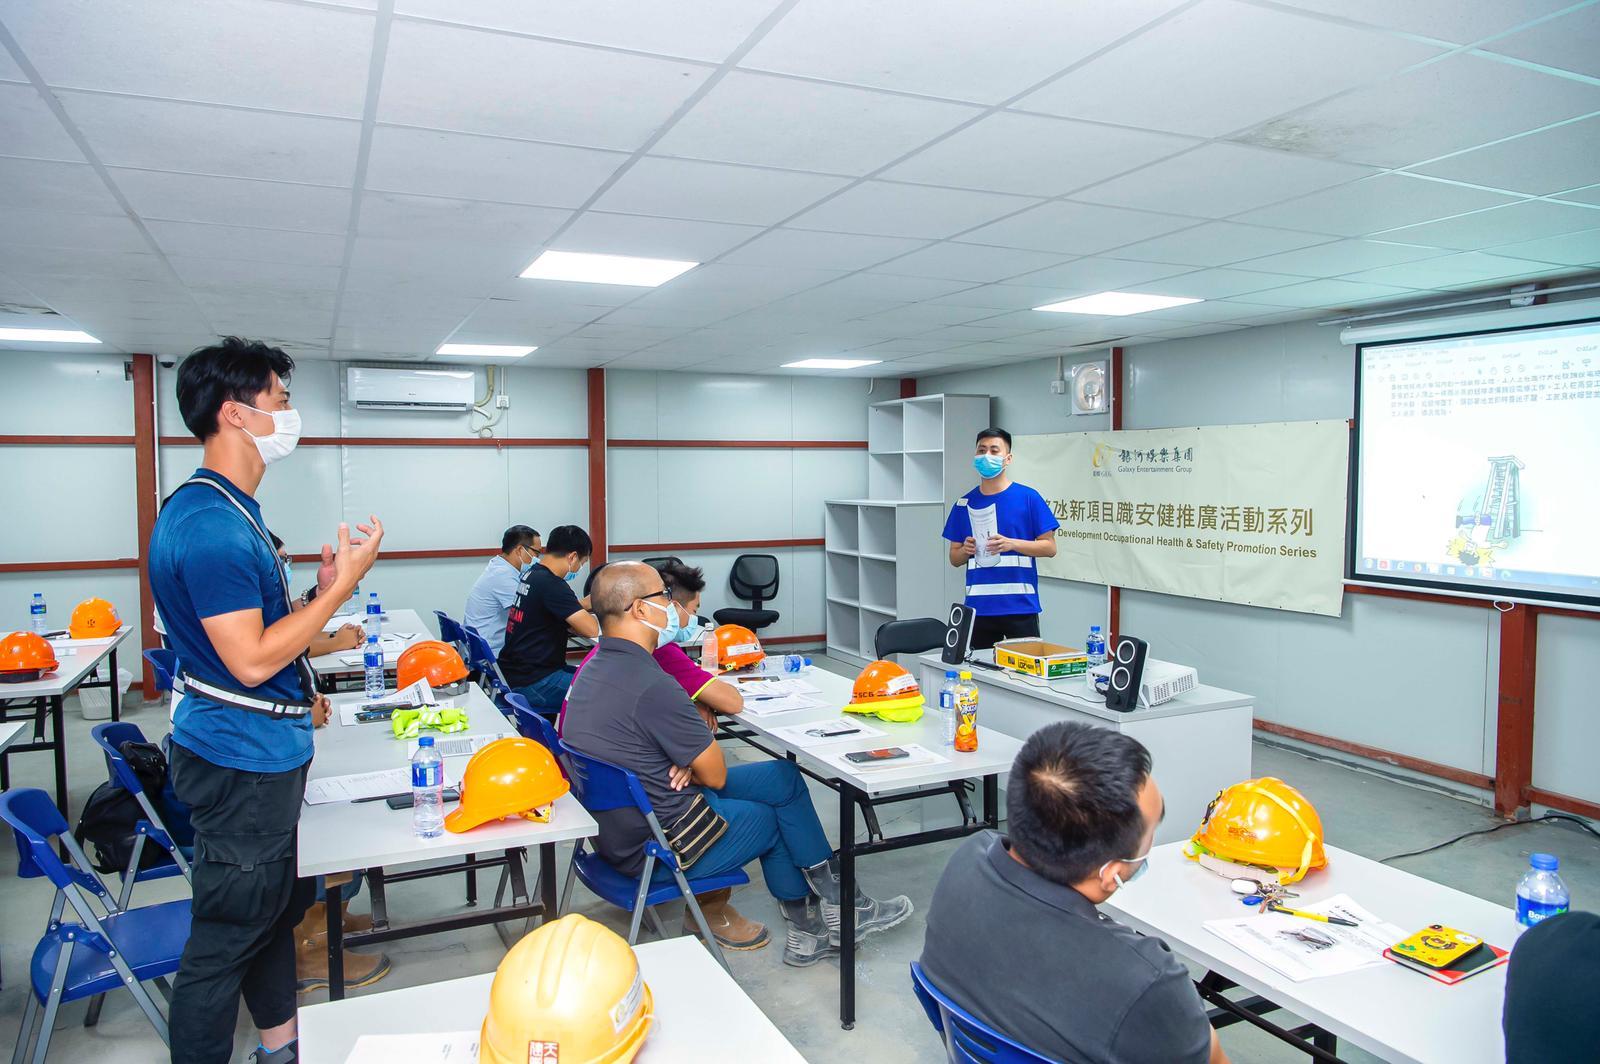 銀娛邀生產力中心主講培訓課技巧課程 深化職安健管理培訓文化